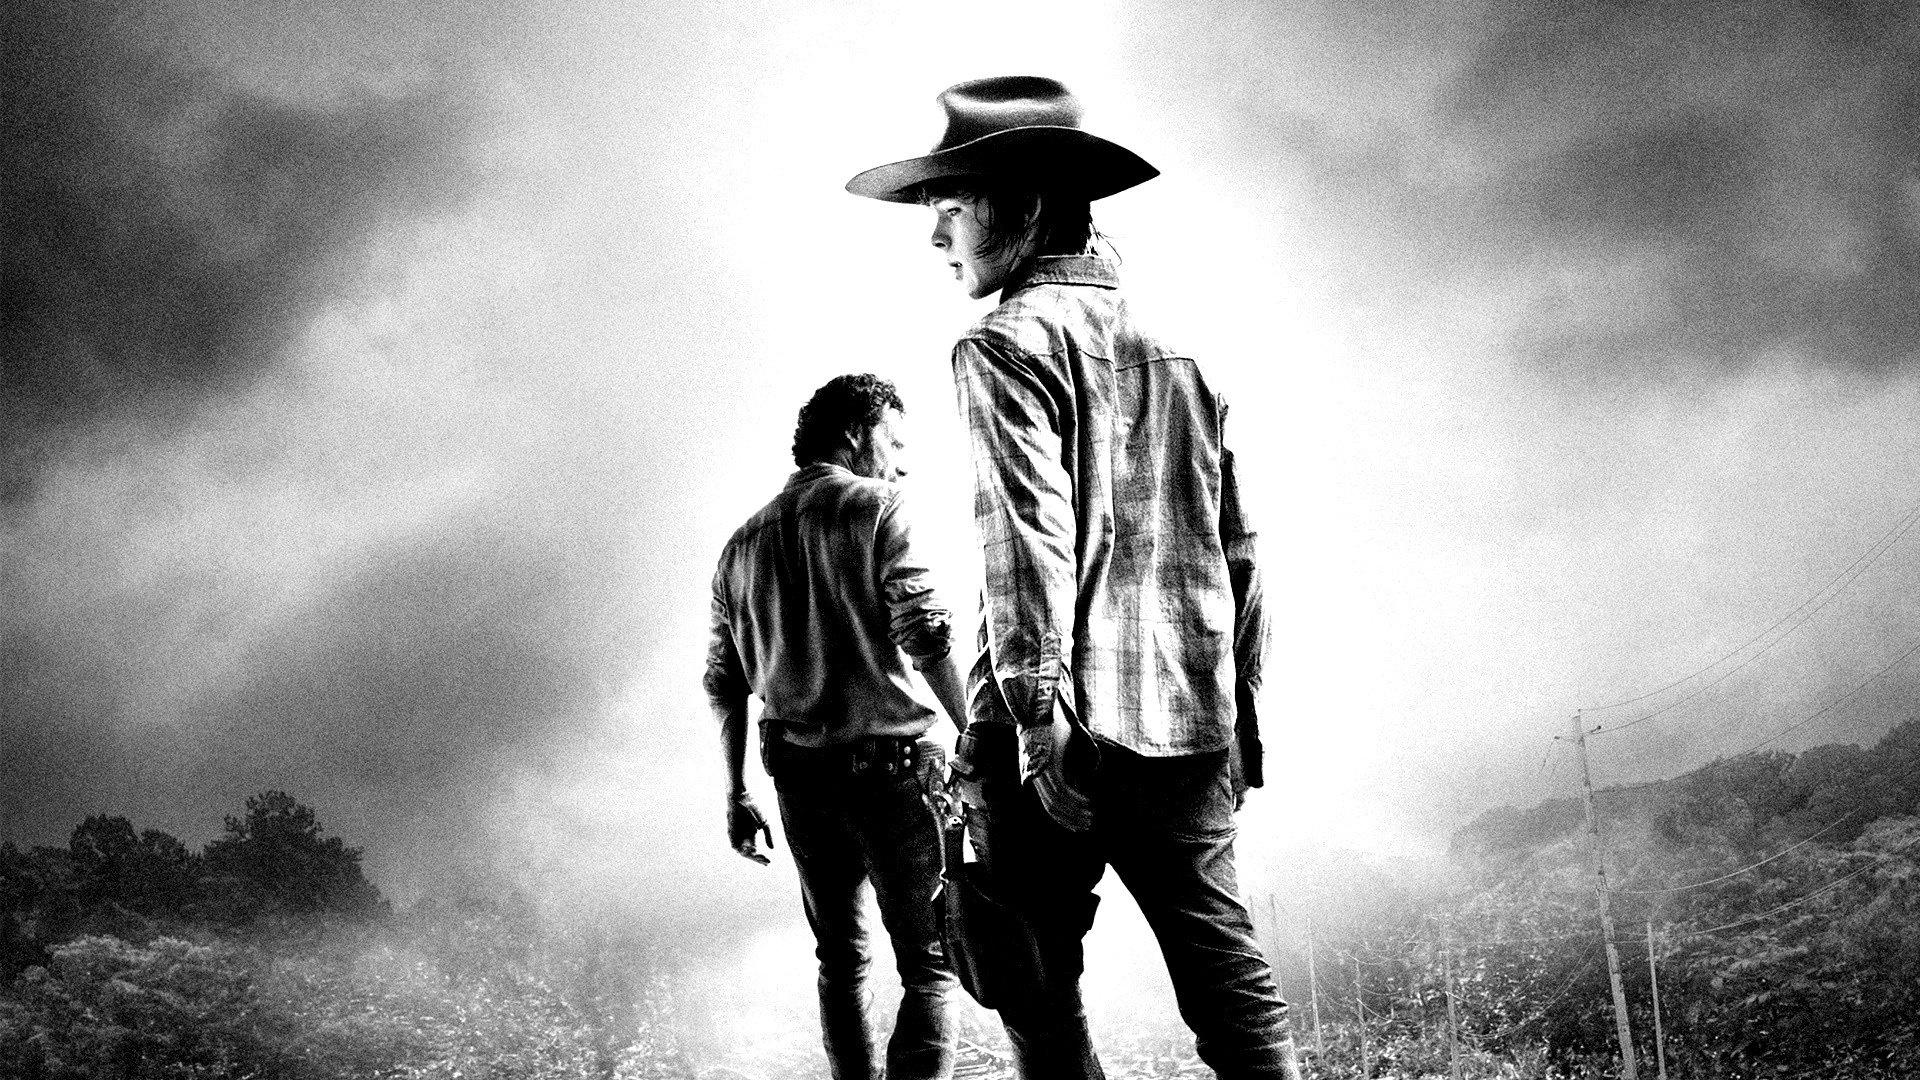 The Walking Dead pc wallpaper